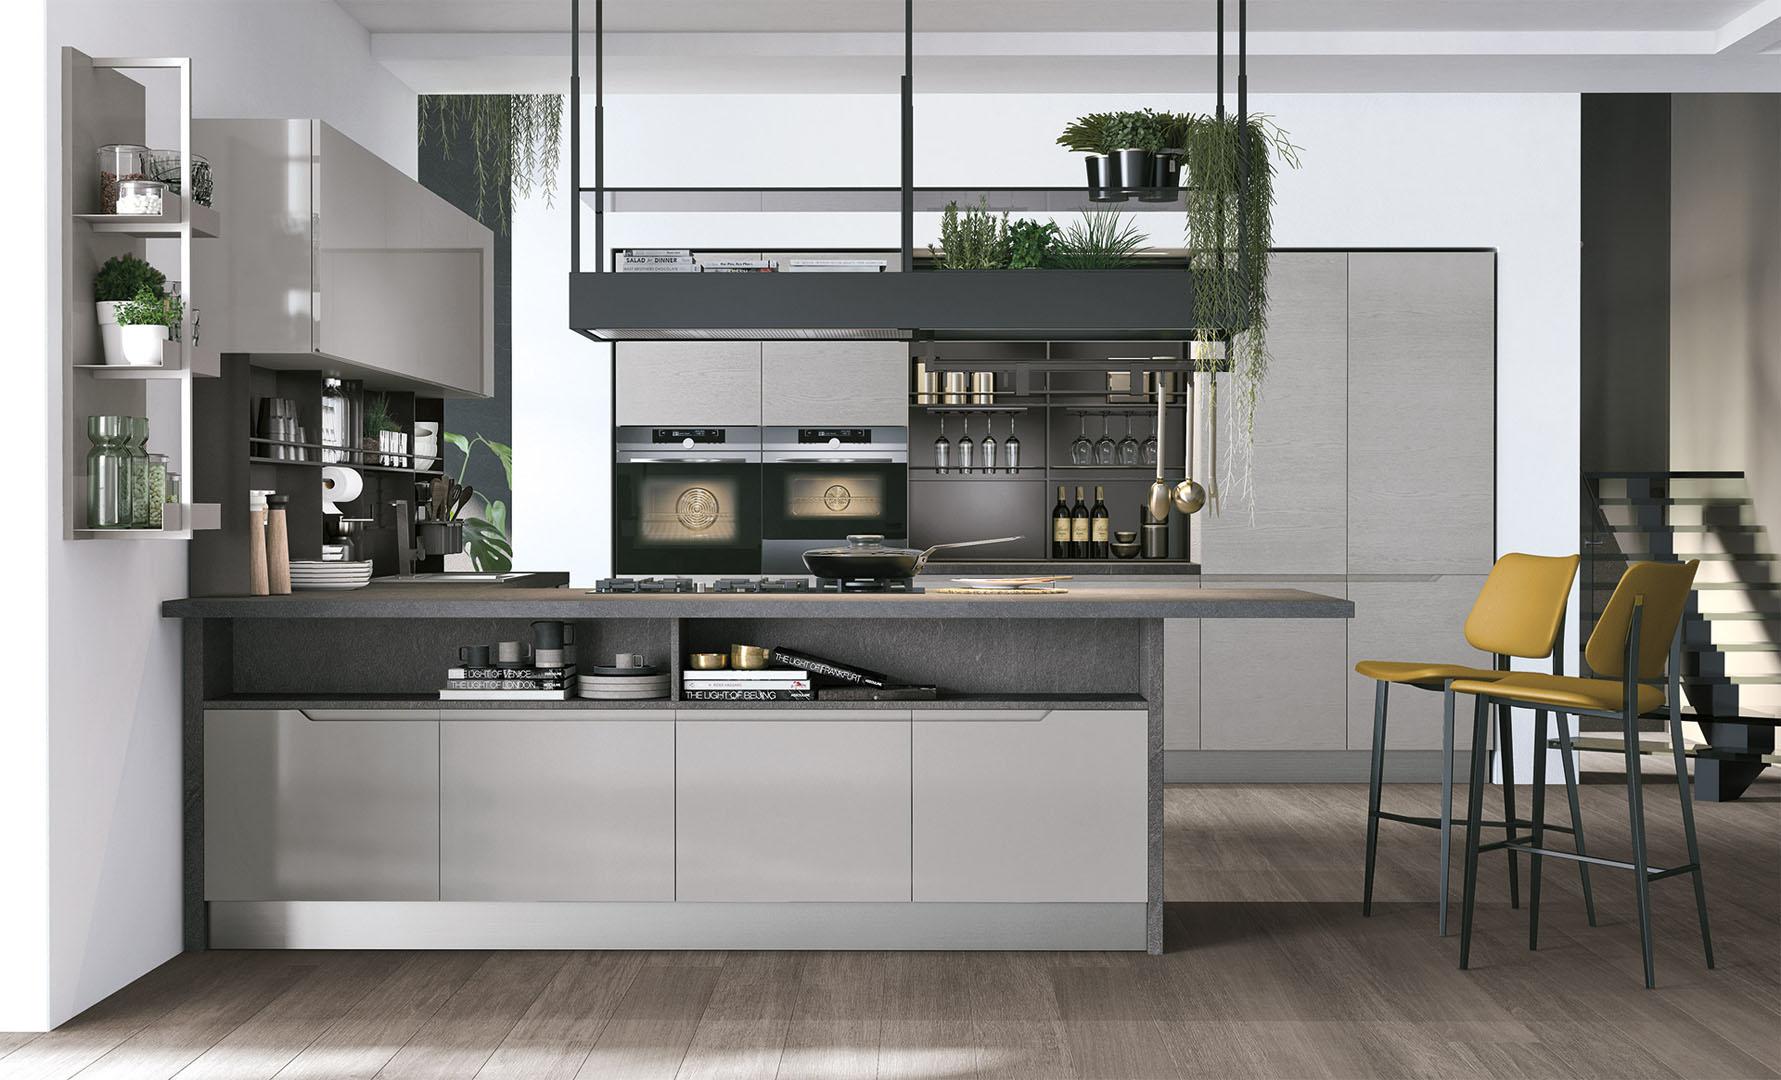 Cucine Lube ed unestate sotto laLUNA  3B Home Design